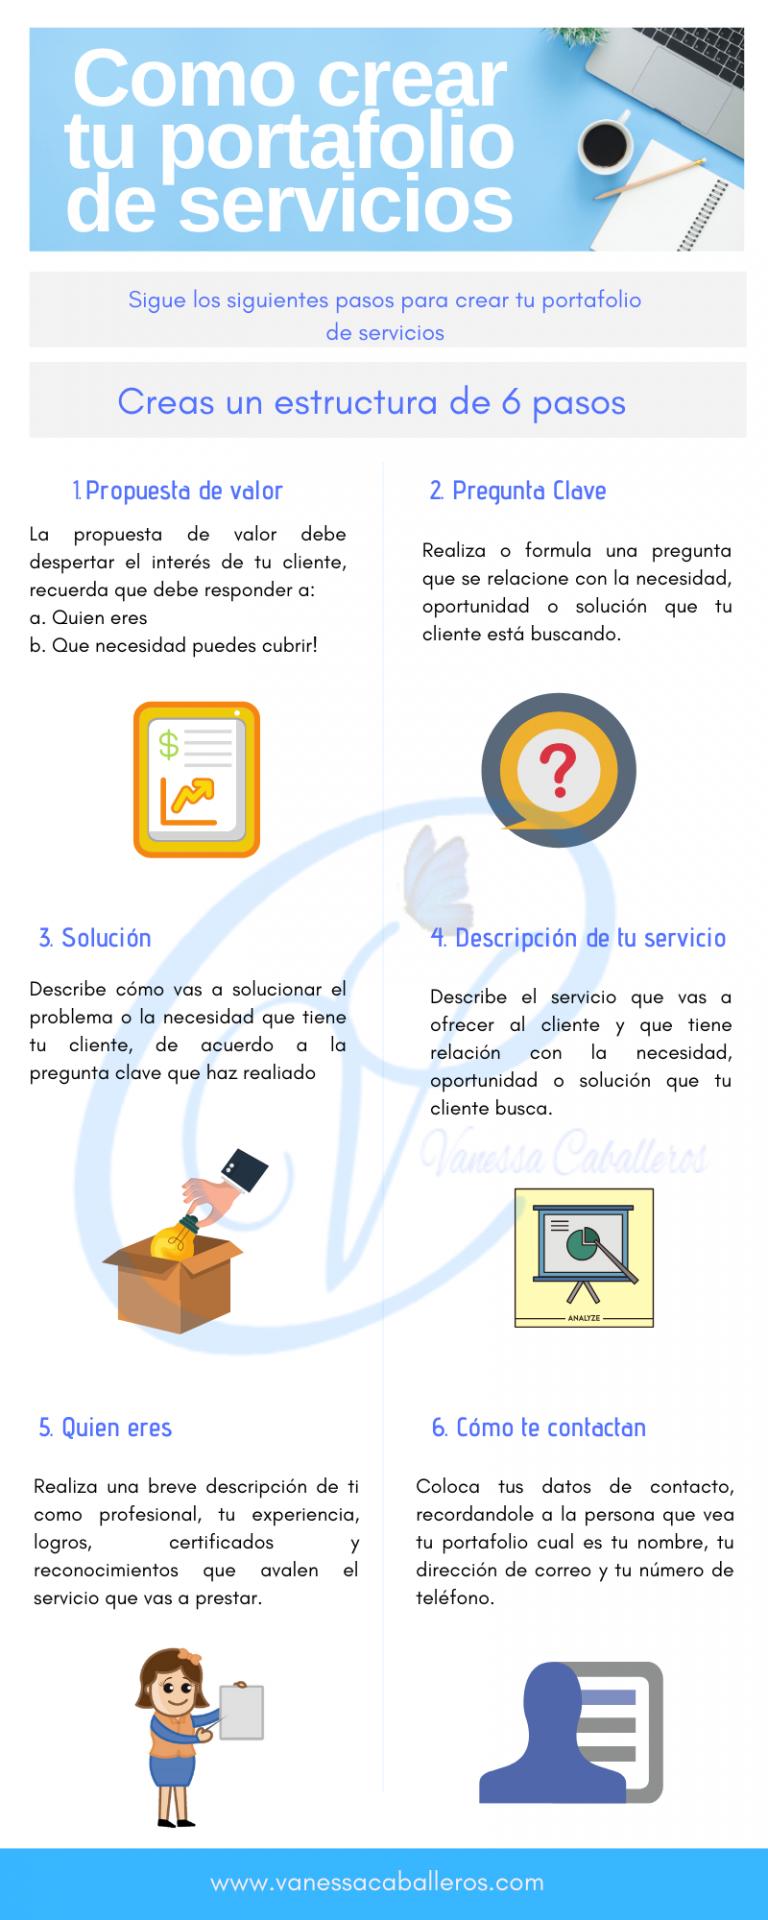 Como Crear Un Portafolio De Servicios Y Productos Para Vender Marketing De Servicios Portafolio Mercadeo Y Ventas